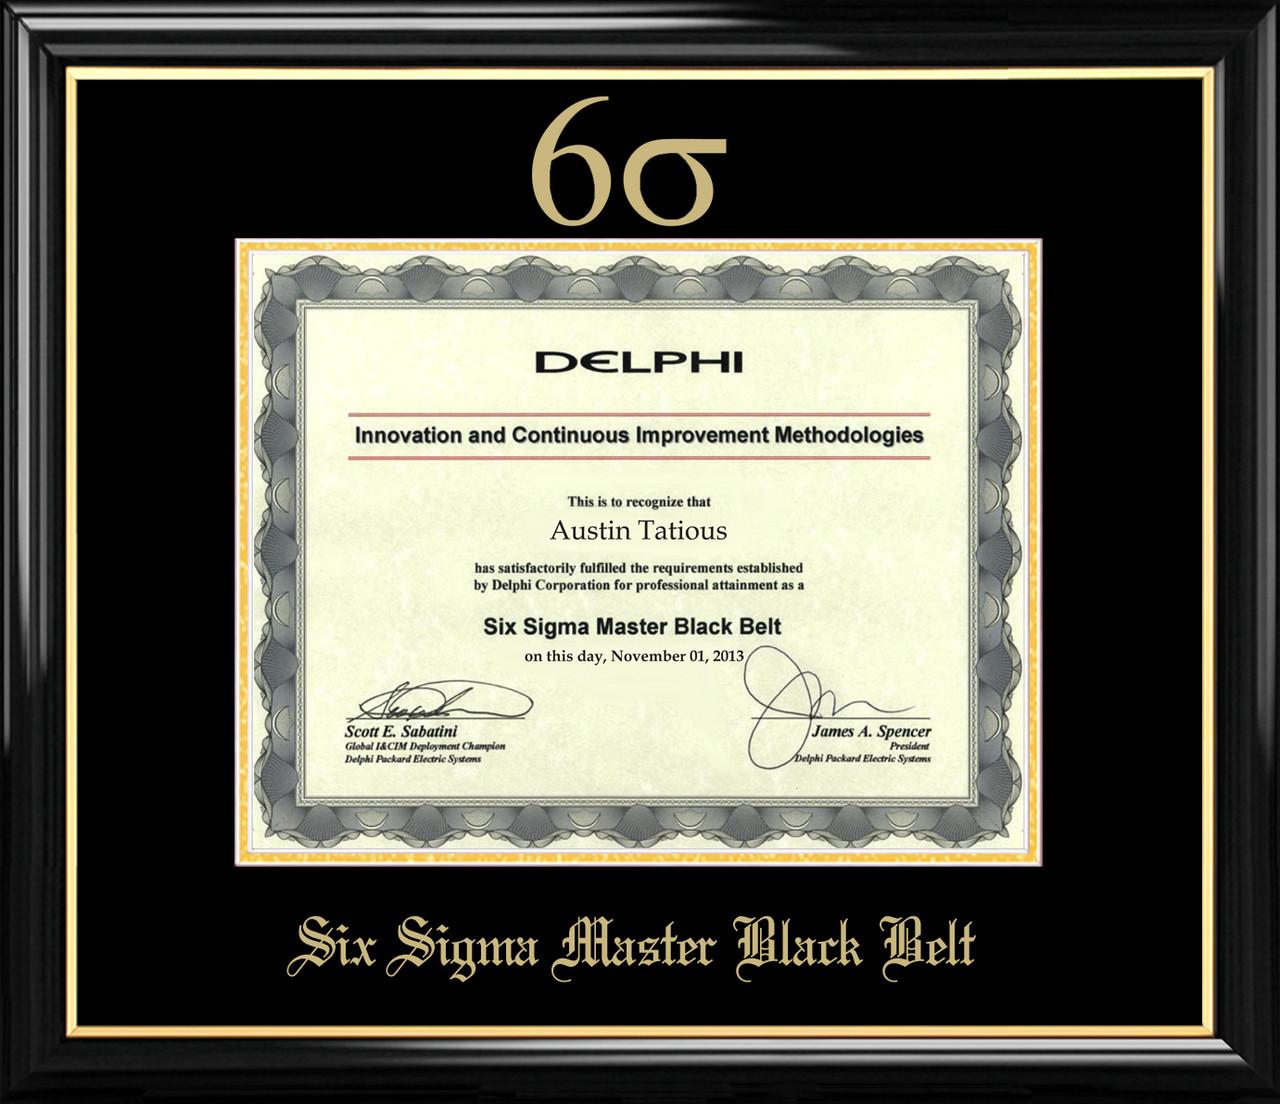 Six Sigma Master Black Belt Certificate Frame Black With Black Mat